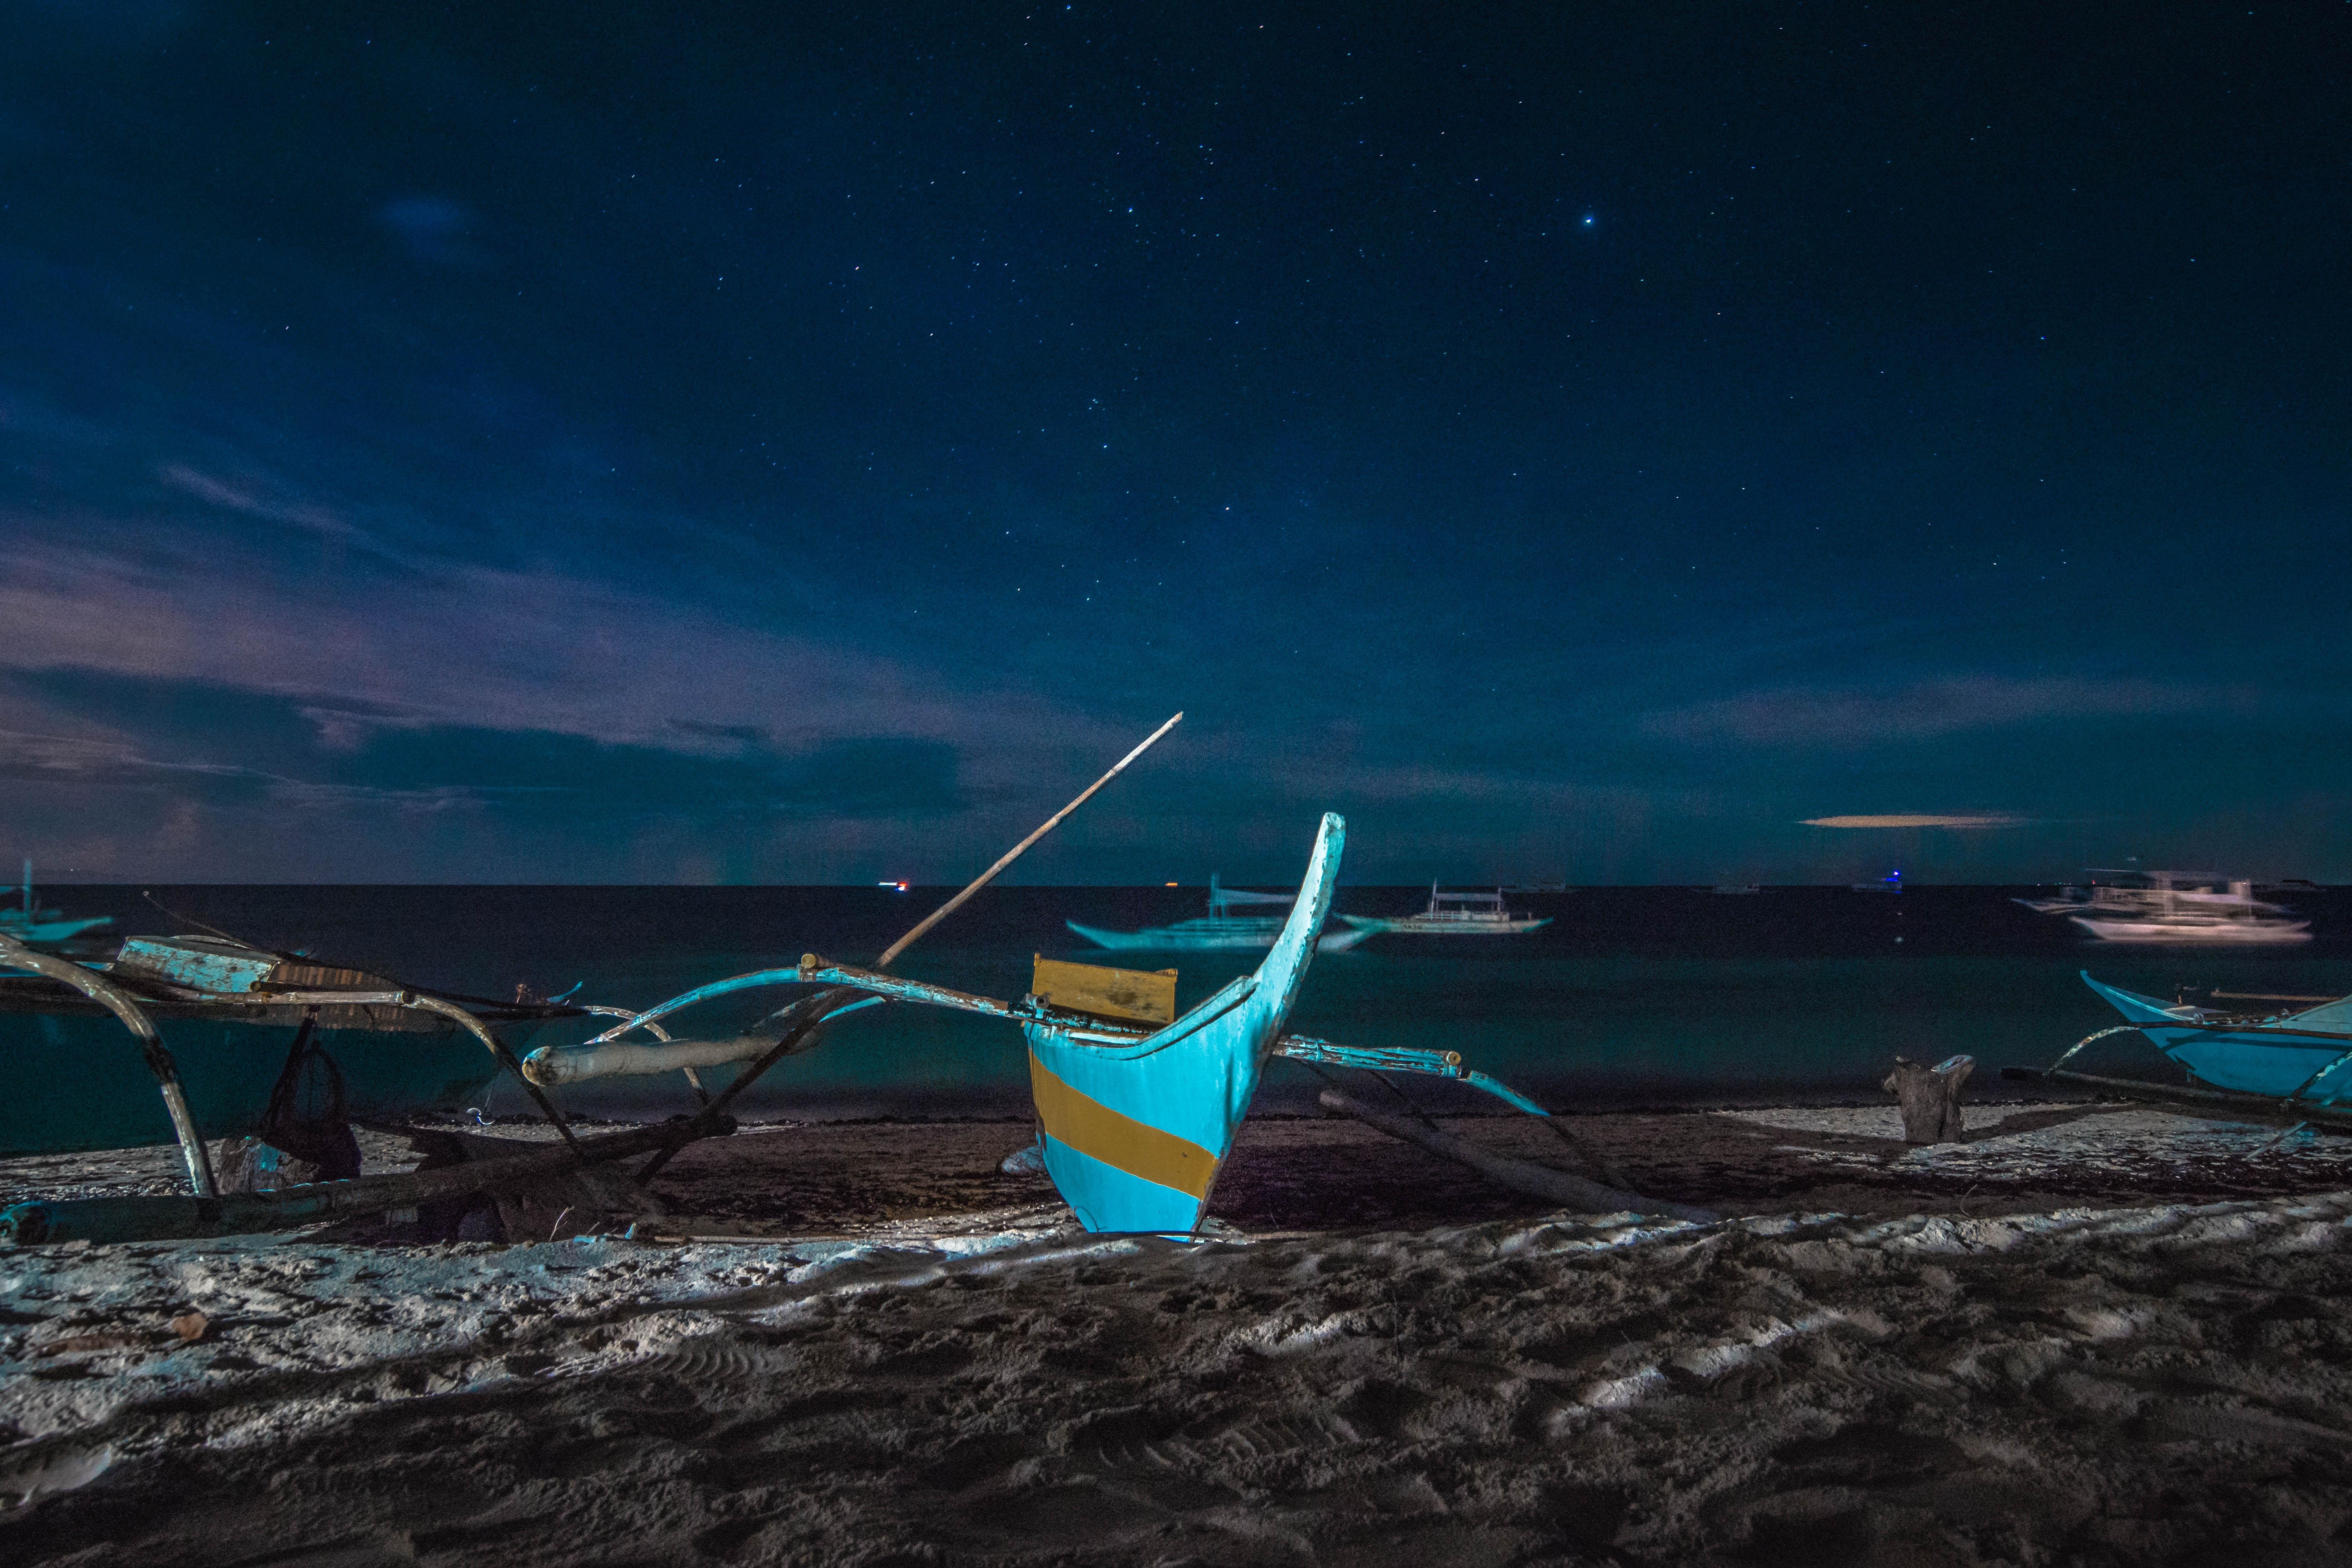 canoe boats near seashore during night